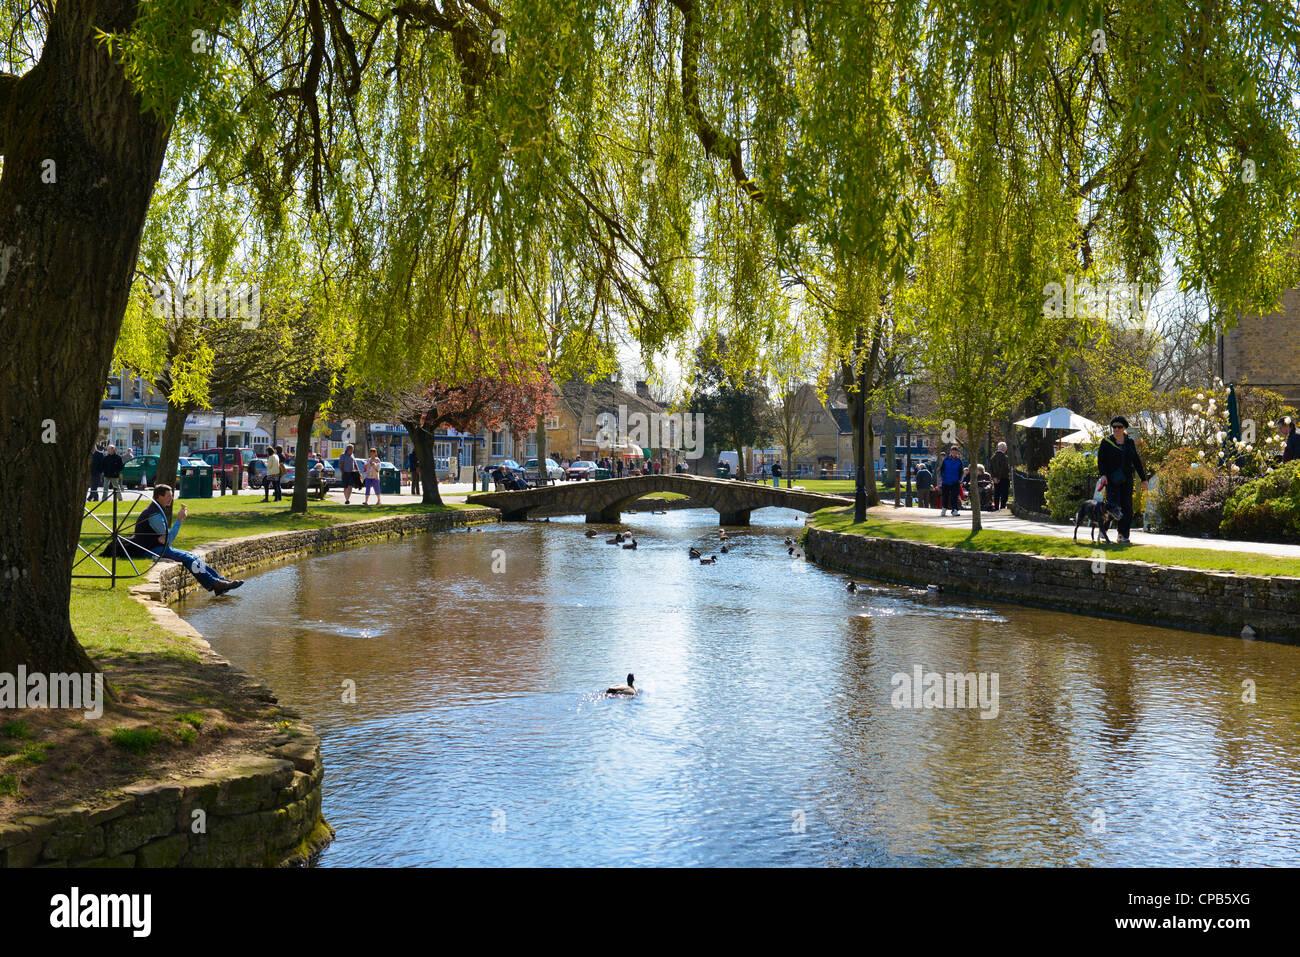 El pueblo de Bourton-on-the-agua, Gloucestershire, Inglaterra. Río Windrush. Imagen De Stock